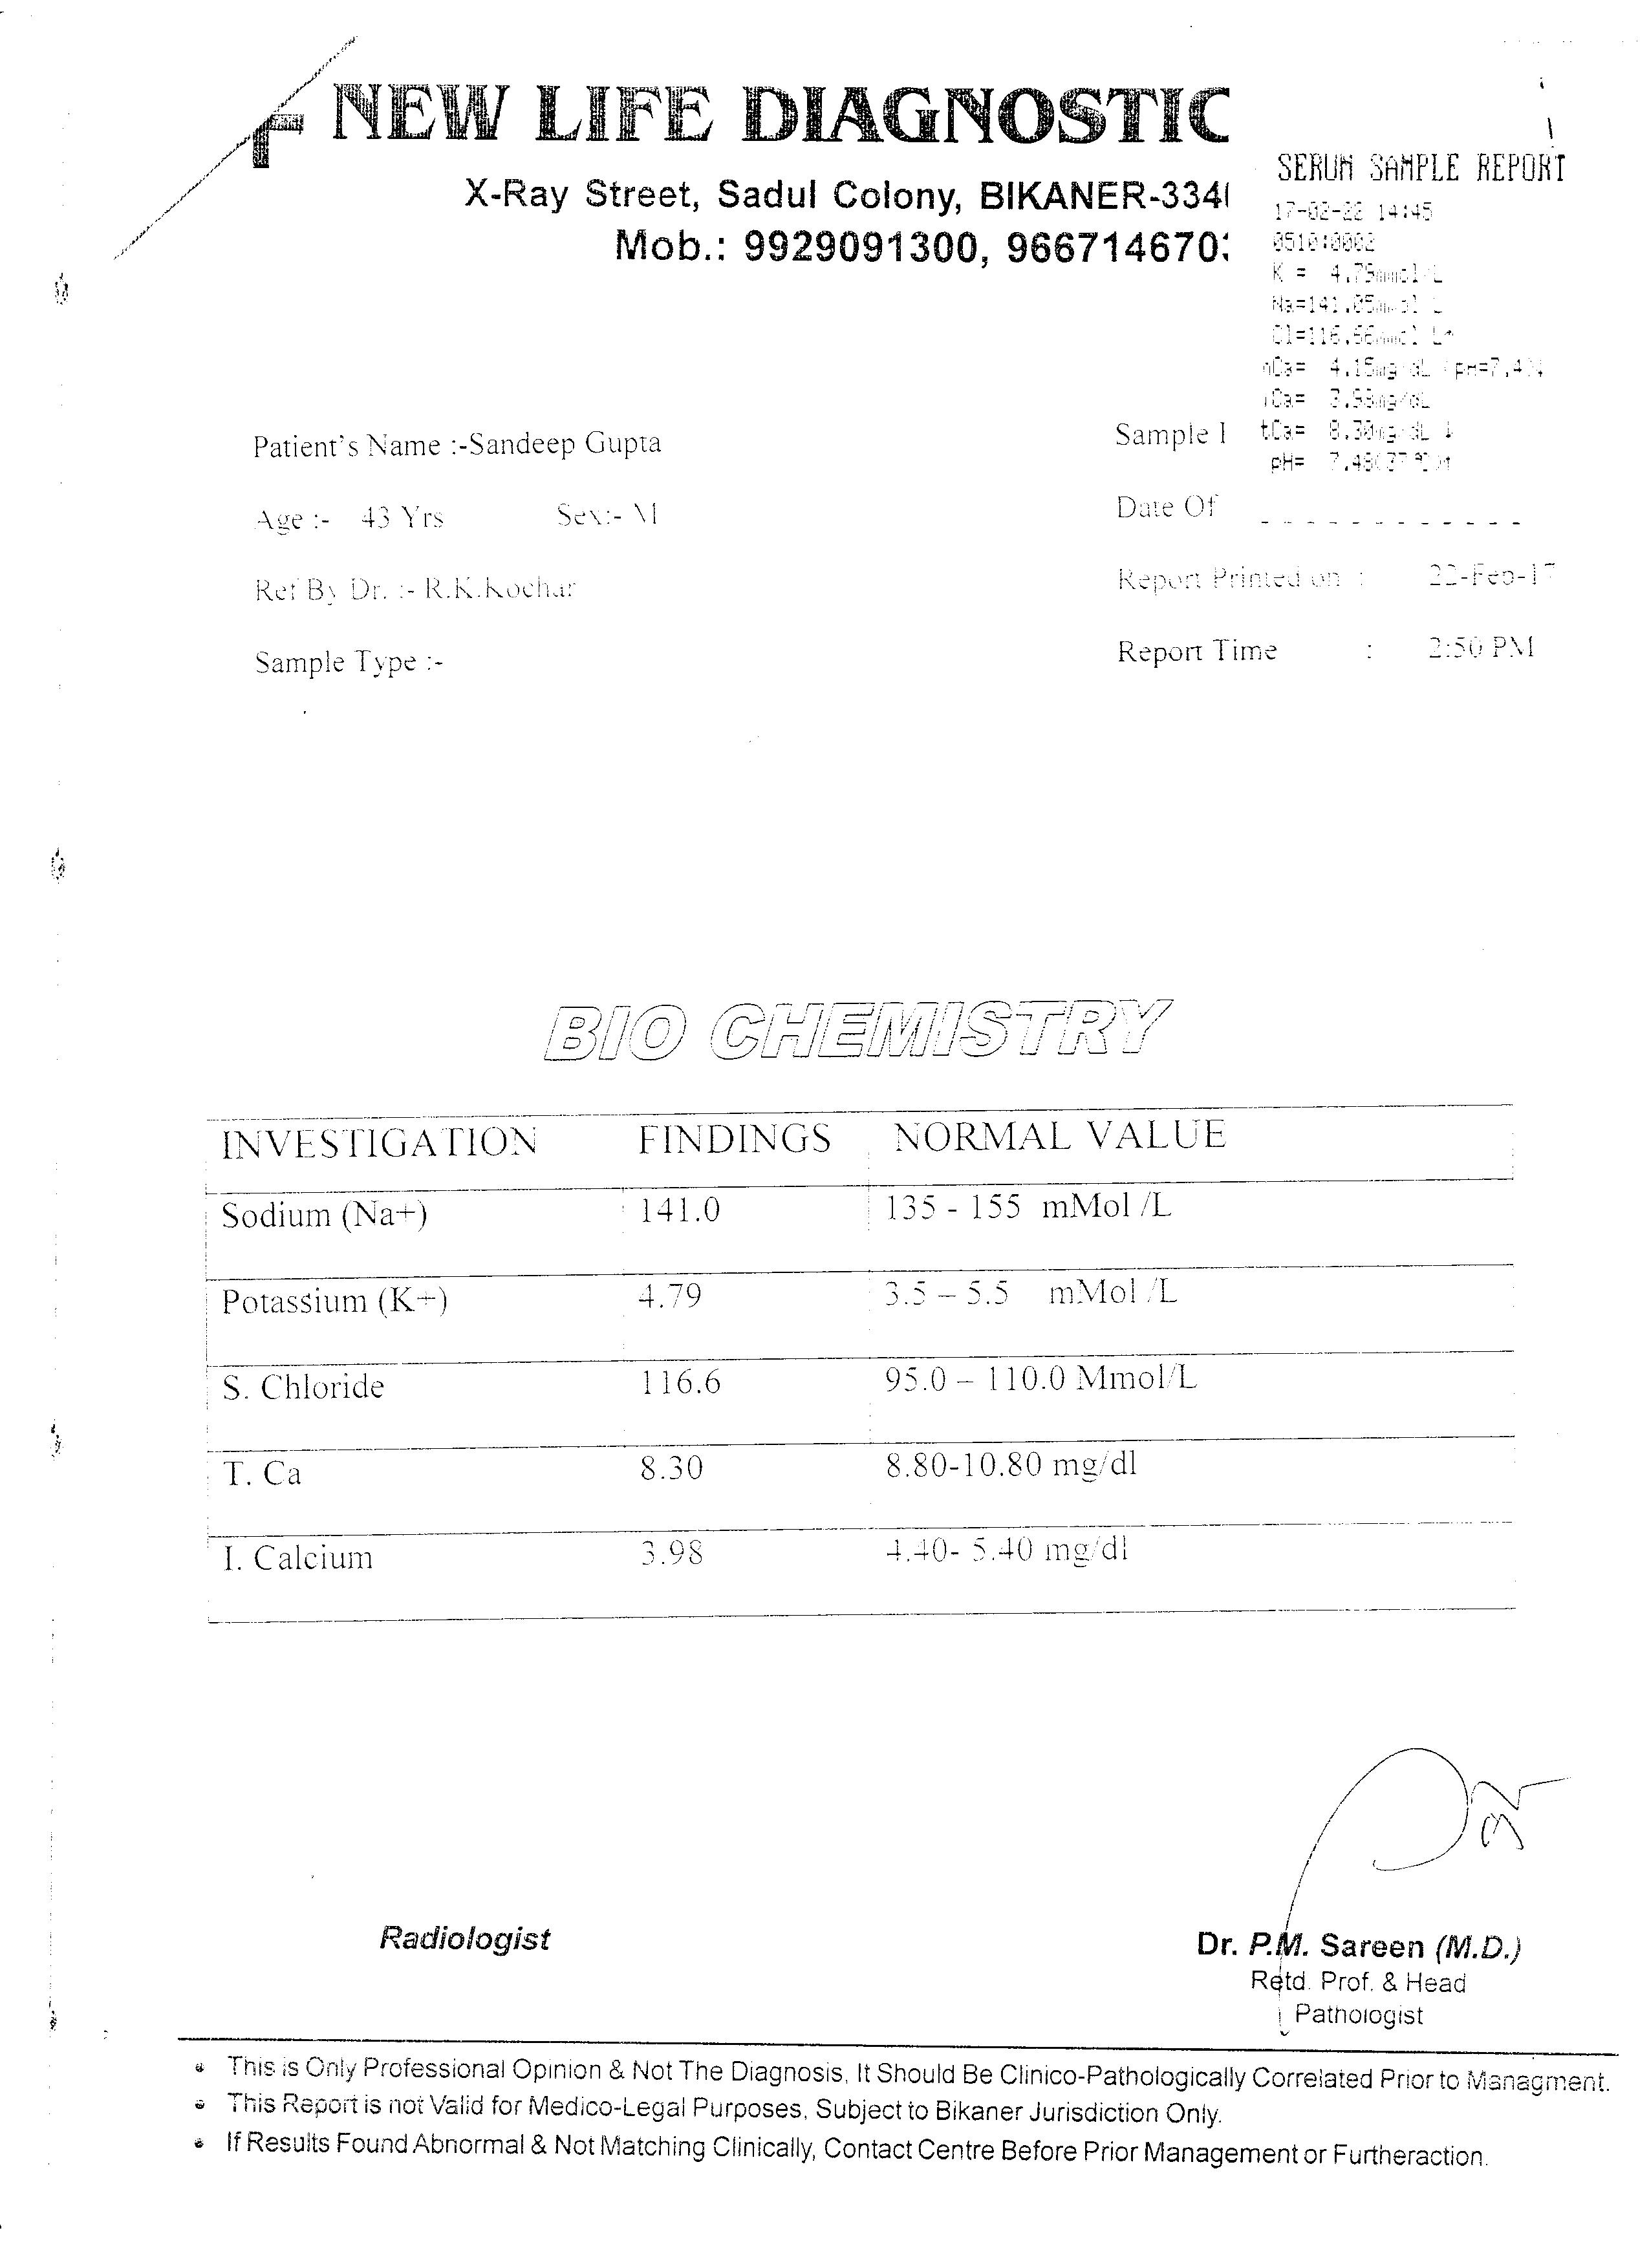 SANDEEP-GUPTA-43yrs-Kidney-Failure-Treatment-11